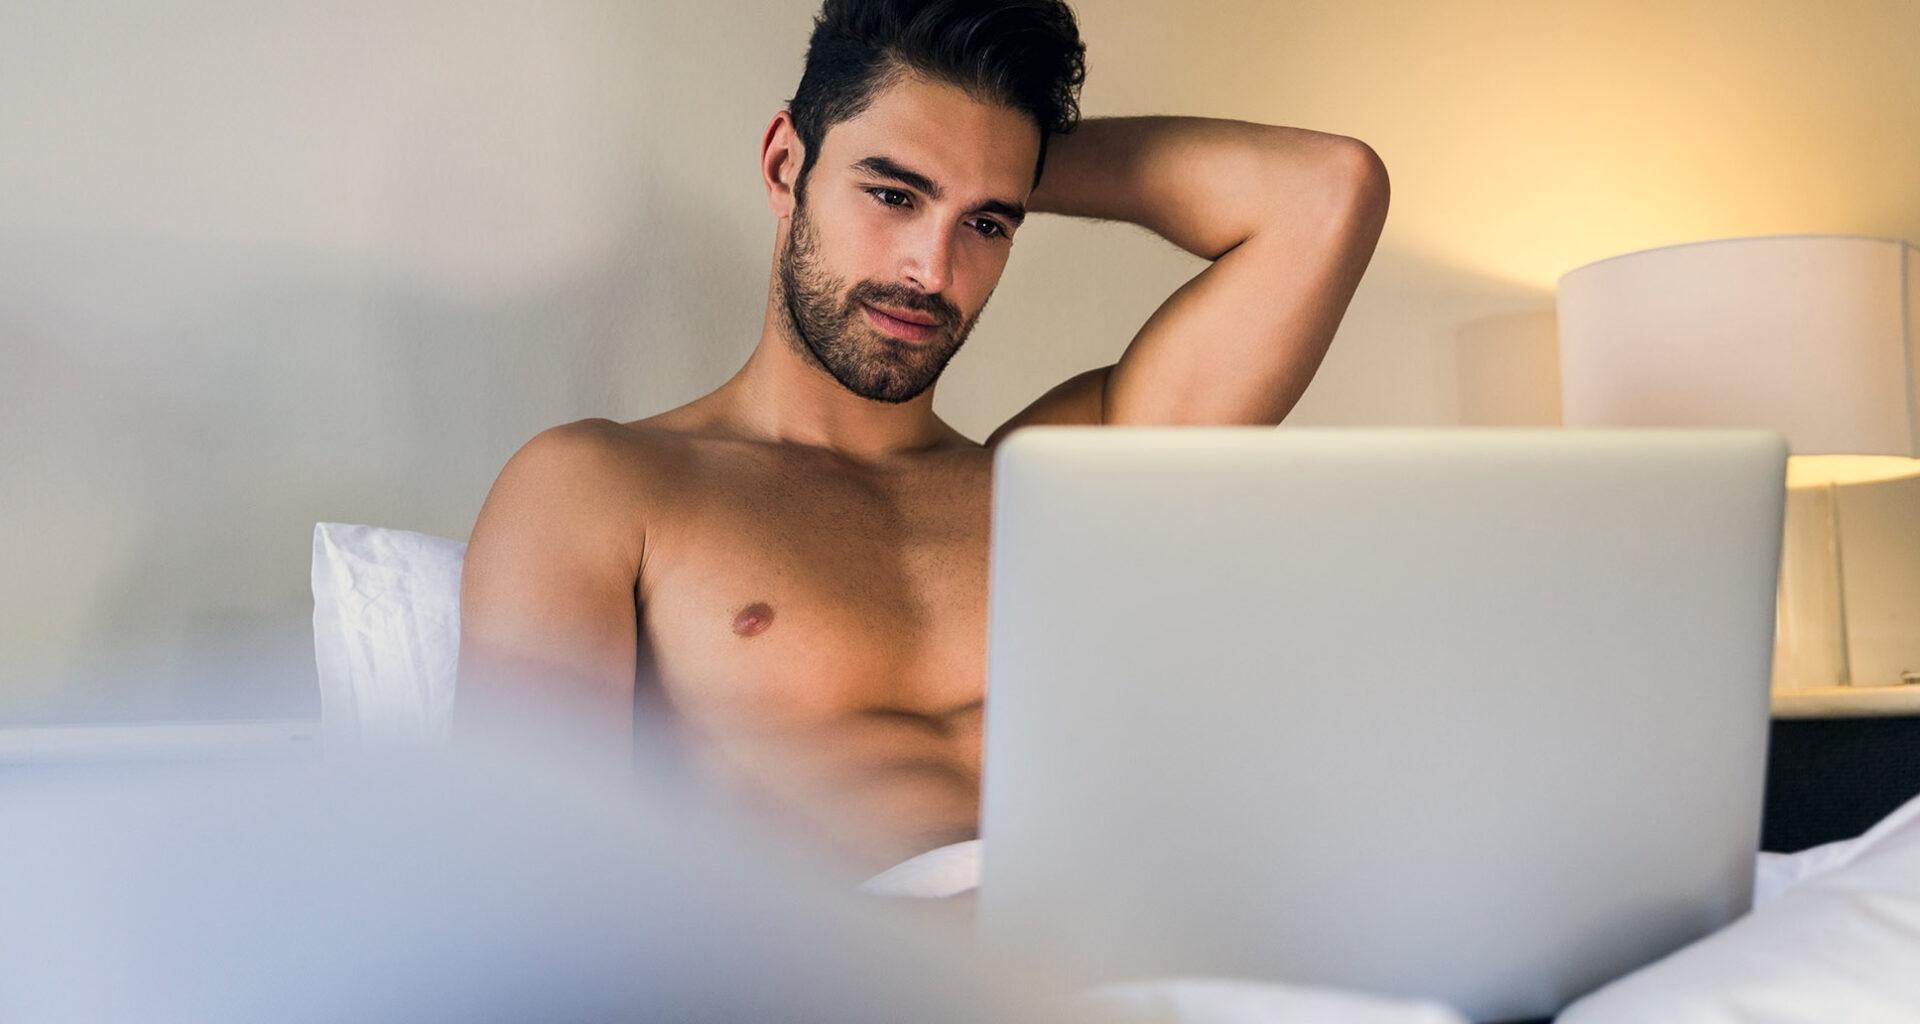 Erektionsstörung durch Pornos